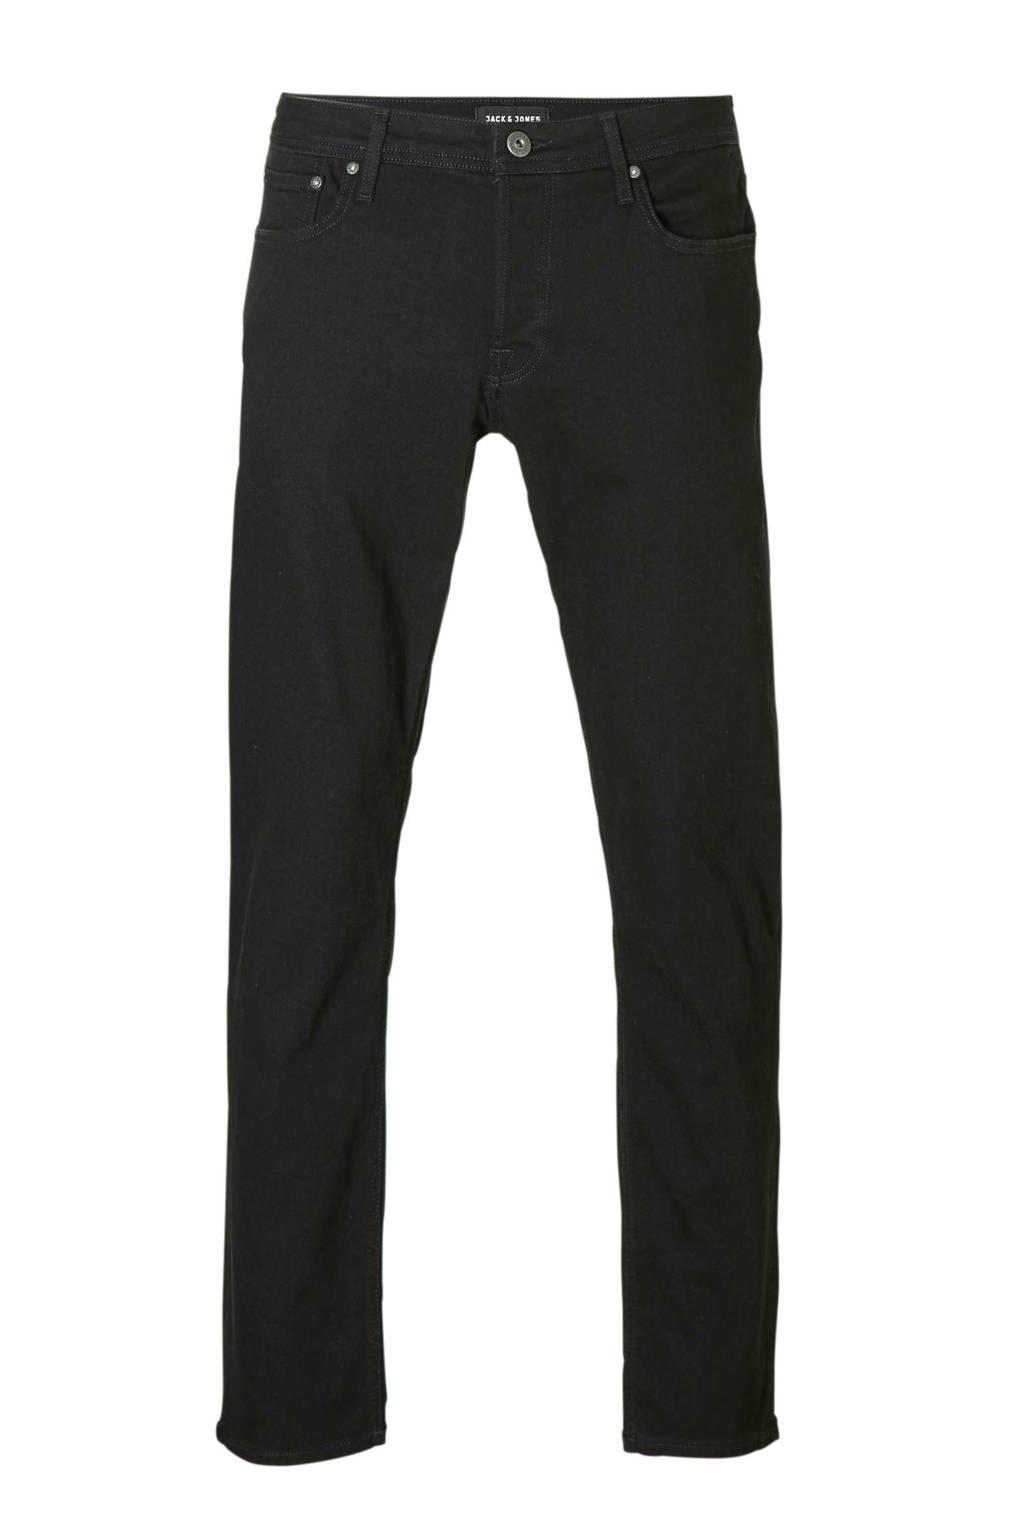 Jack & Jones Originals  regular jeans Mike, Zwart